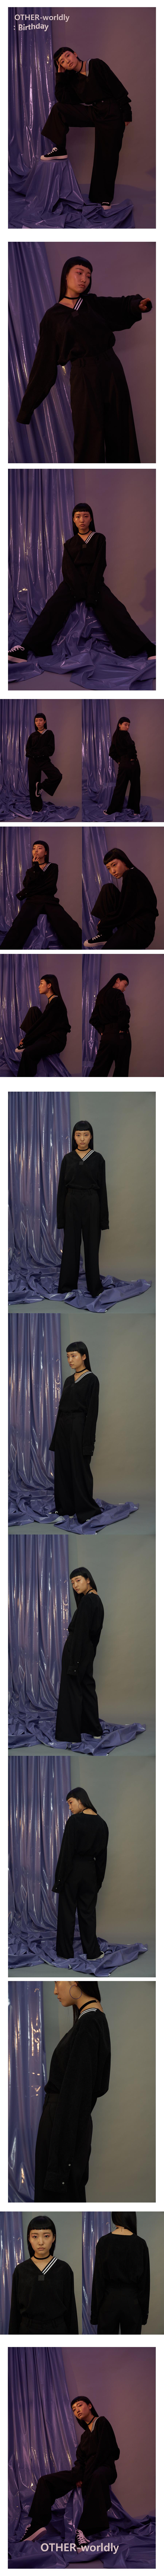 아더월들리(OTHER-worldly) 블랙 브이넥 셔츠